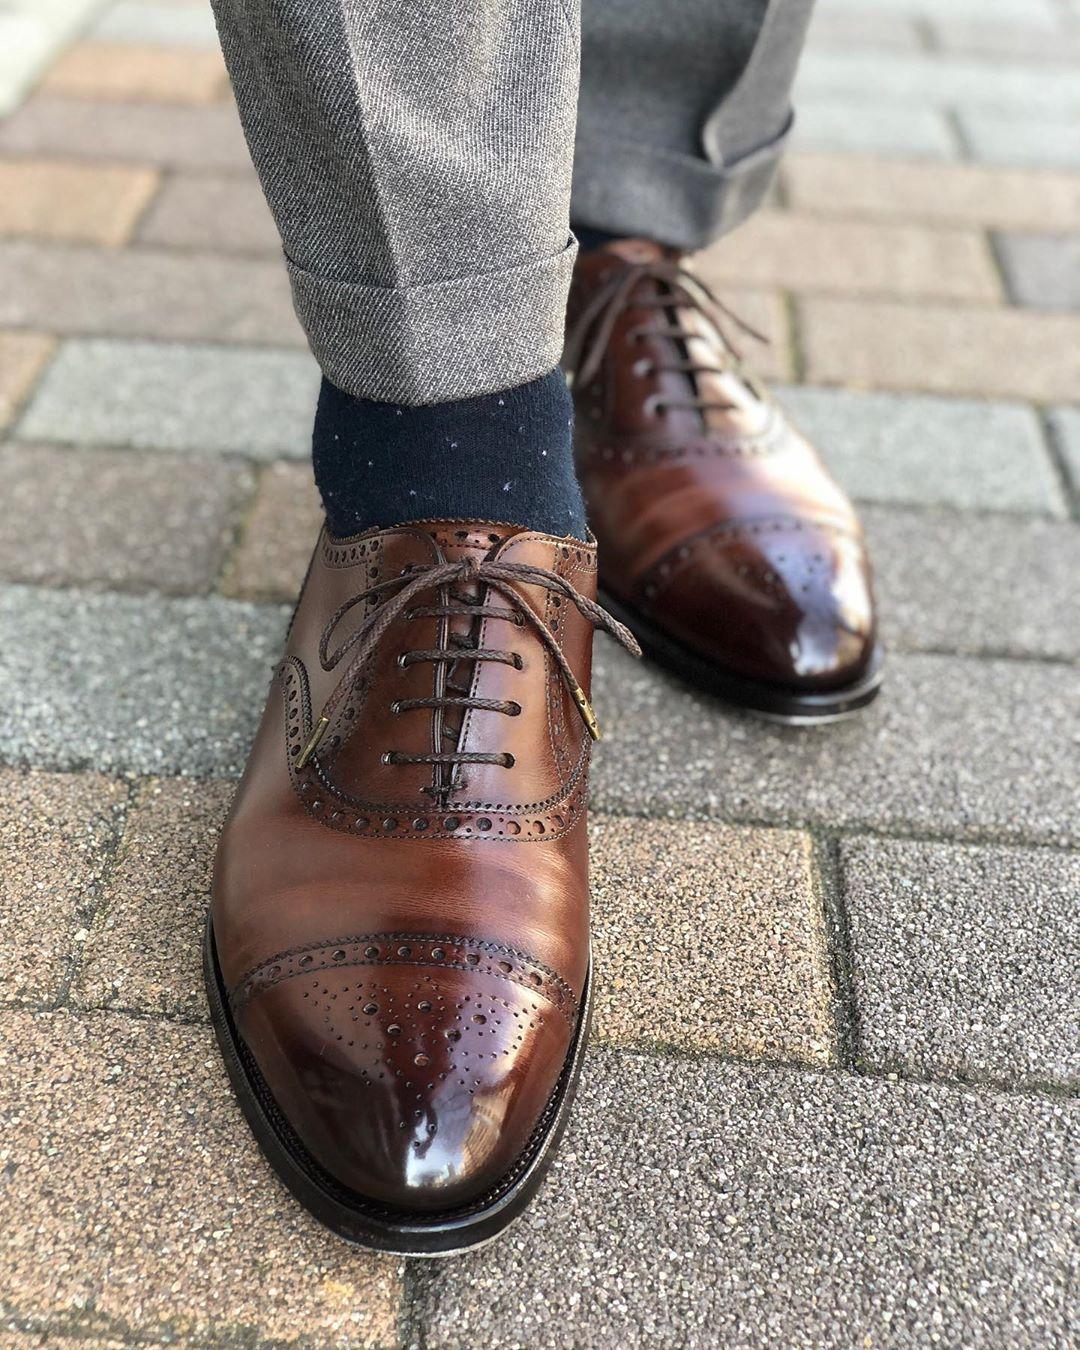 靴 磨き の 少年 靴磨き革靴の磨き方,鏡面磨き方法【銀座大賀靴工房】